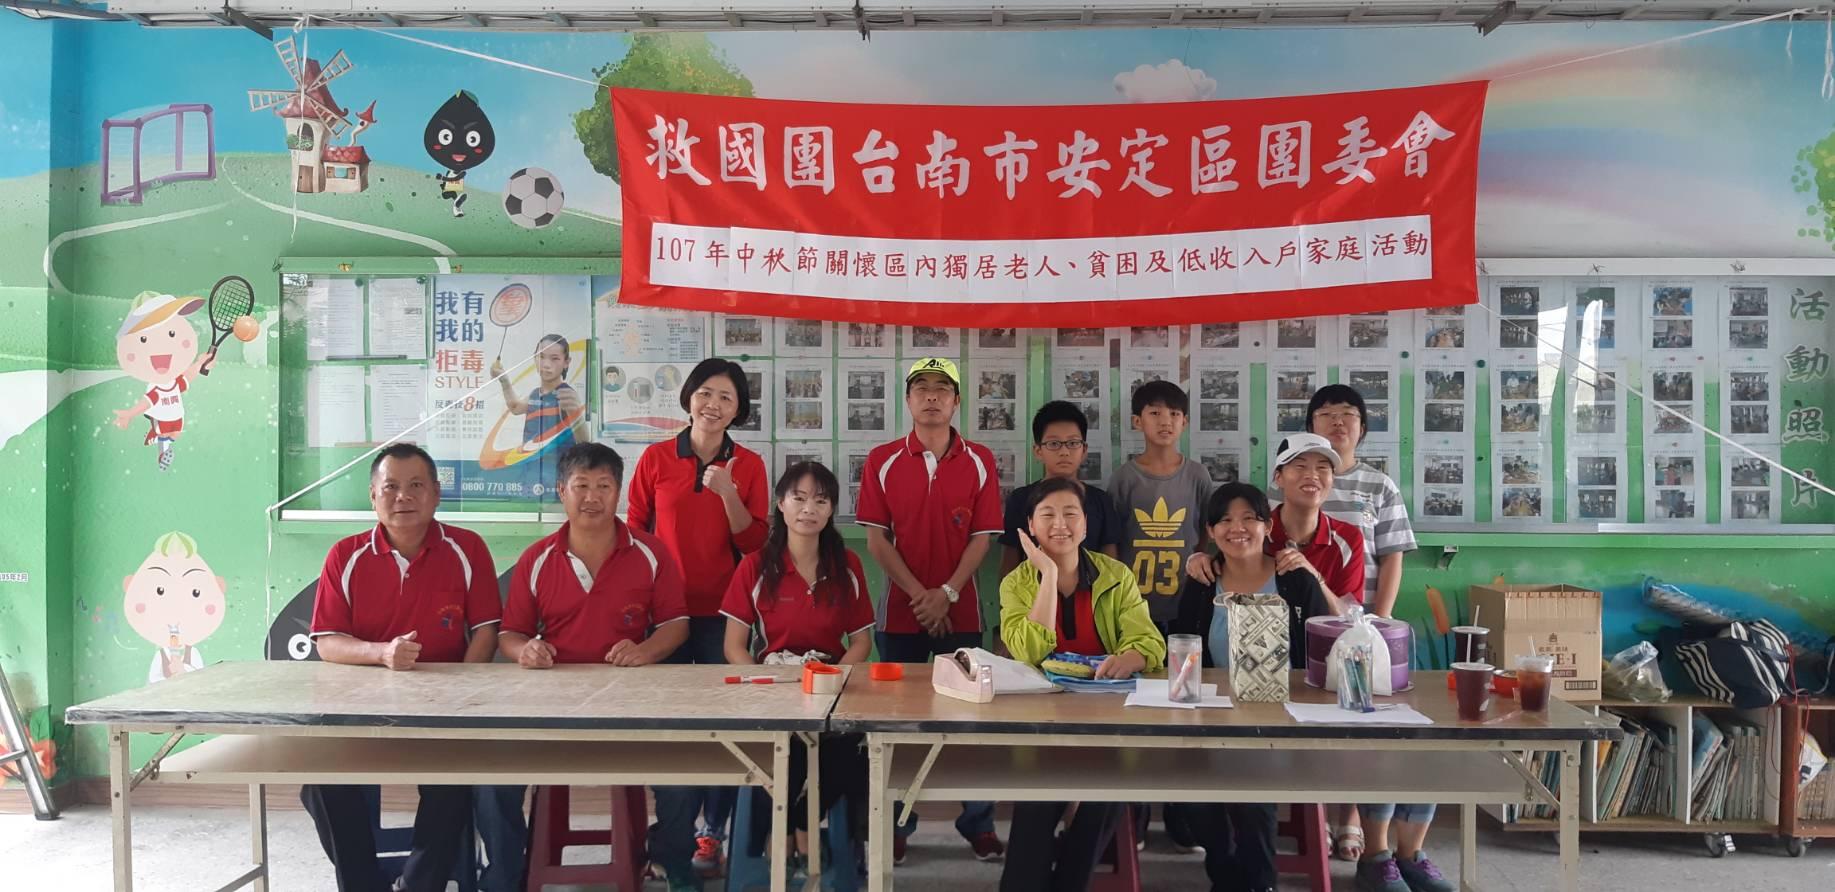 臺南安定區團委會 首圖